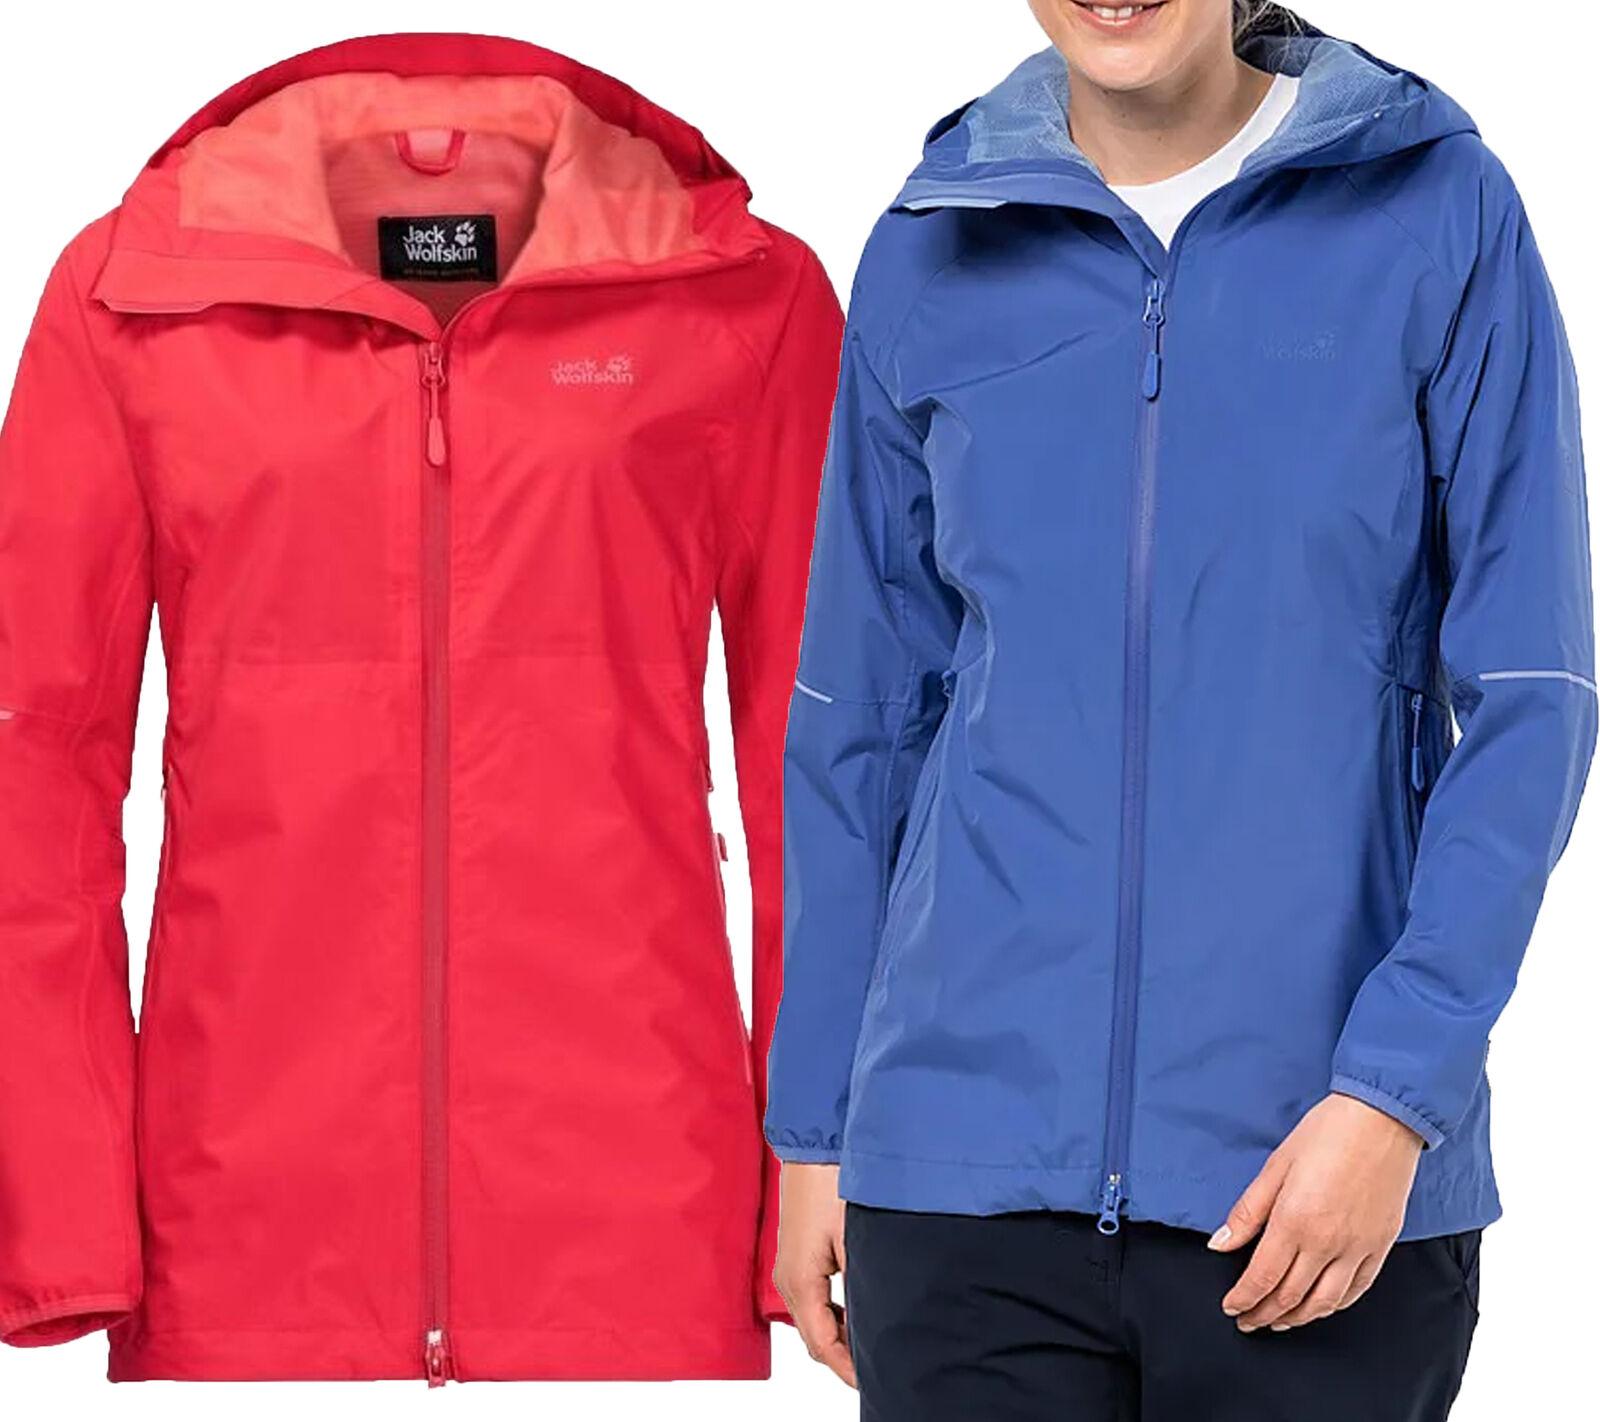 Jack Wolfskin Wetterschutz-Jacke Damen Wanderjacke Sierra Pass Trekking Blau Rot